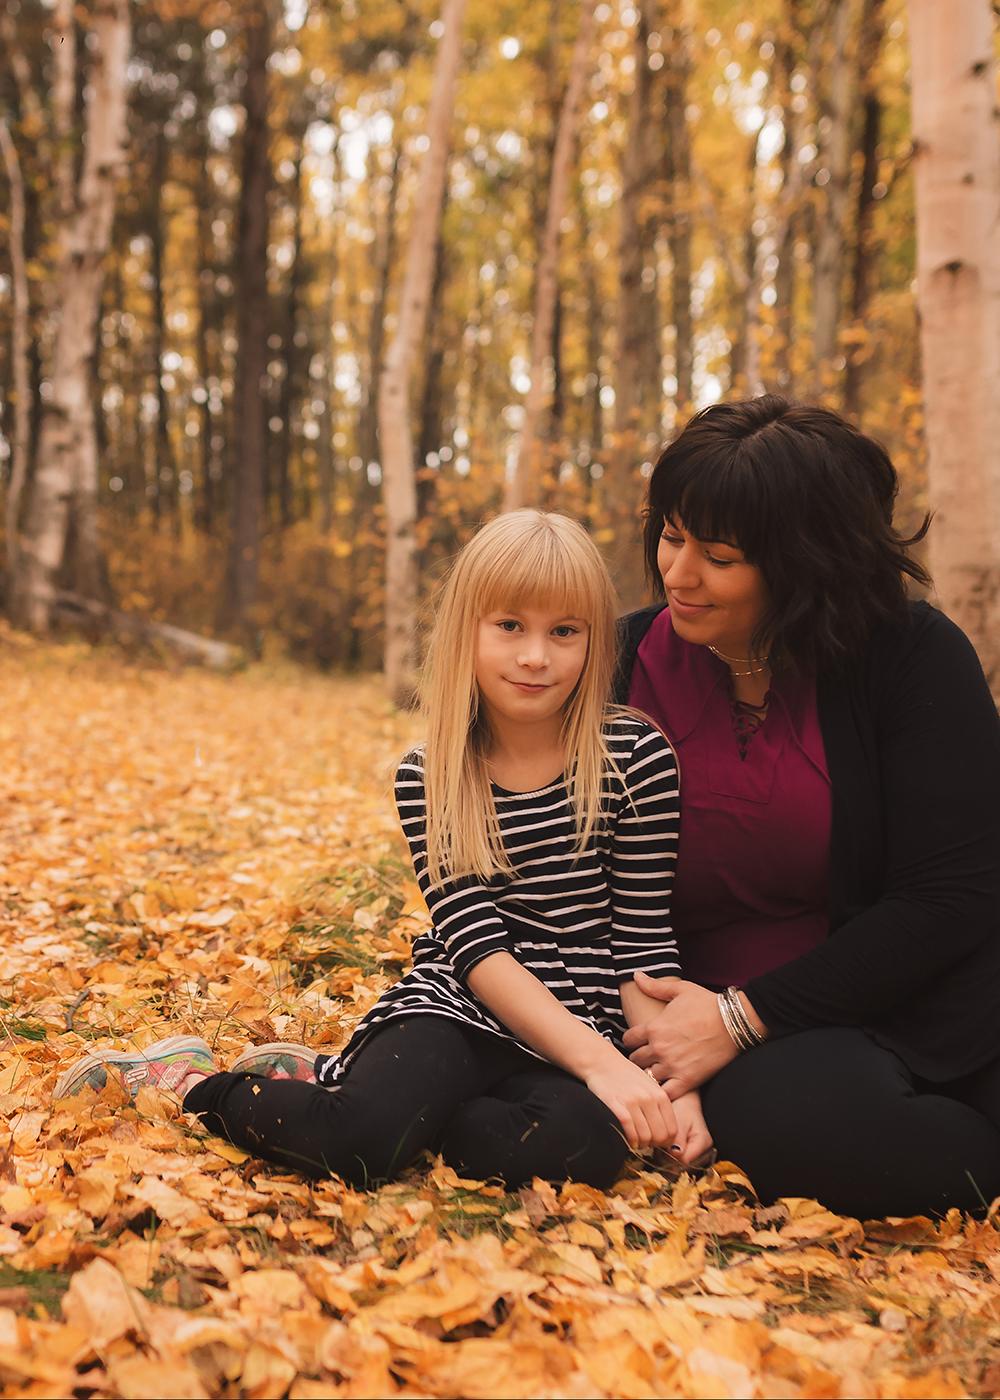 Edmonton Family Photographer_Labrenz Family Sneak Peek 7.jpg